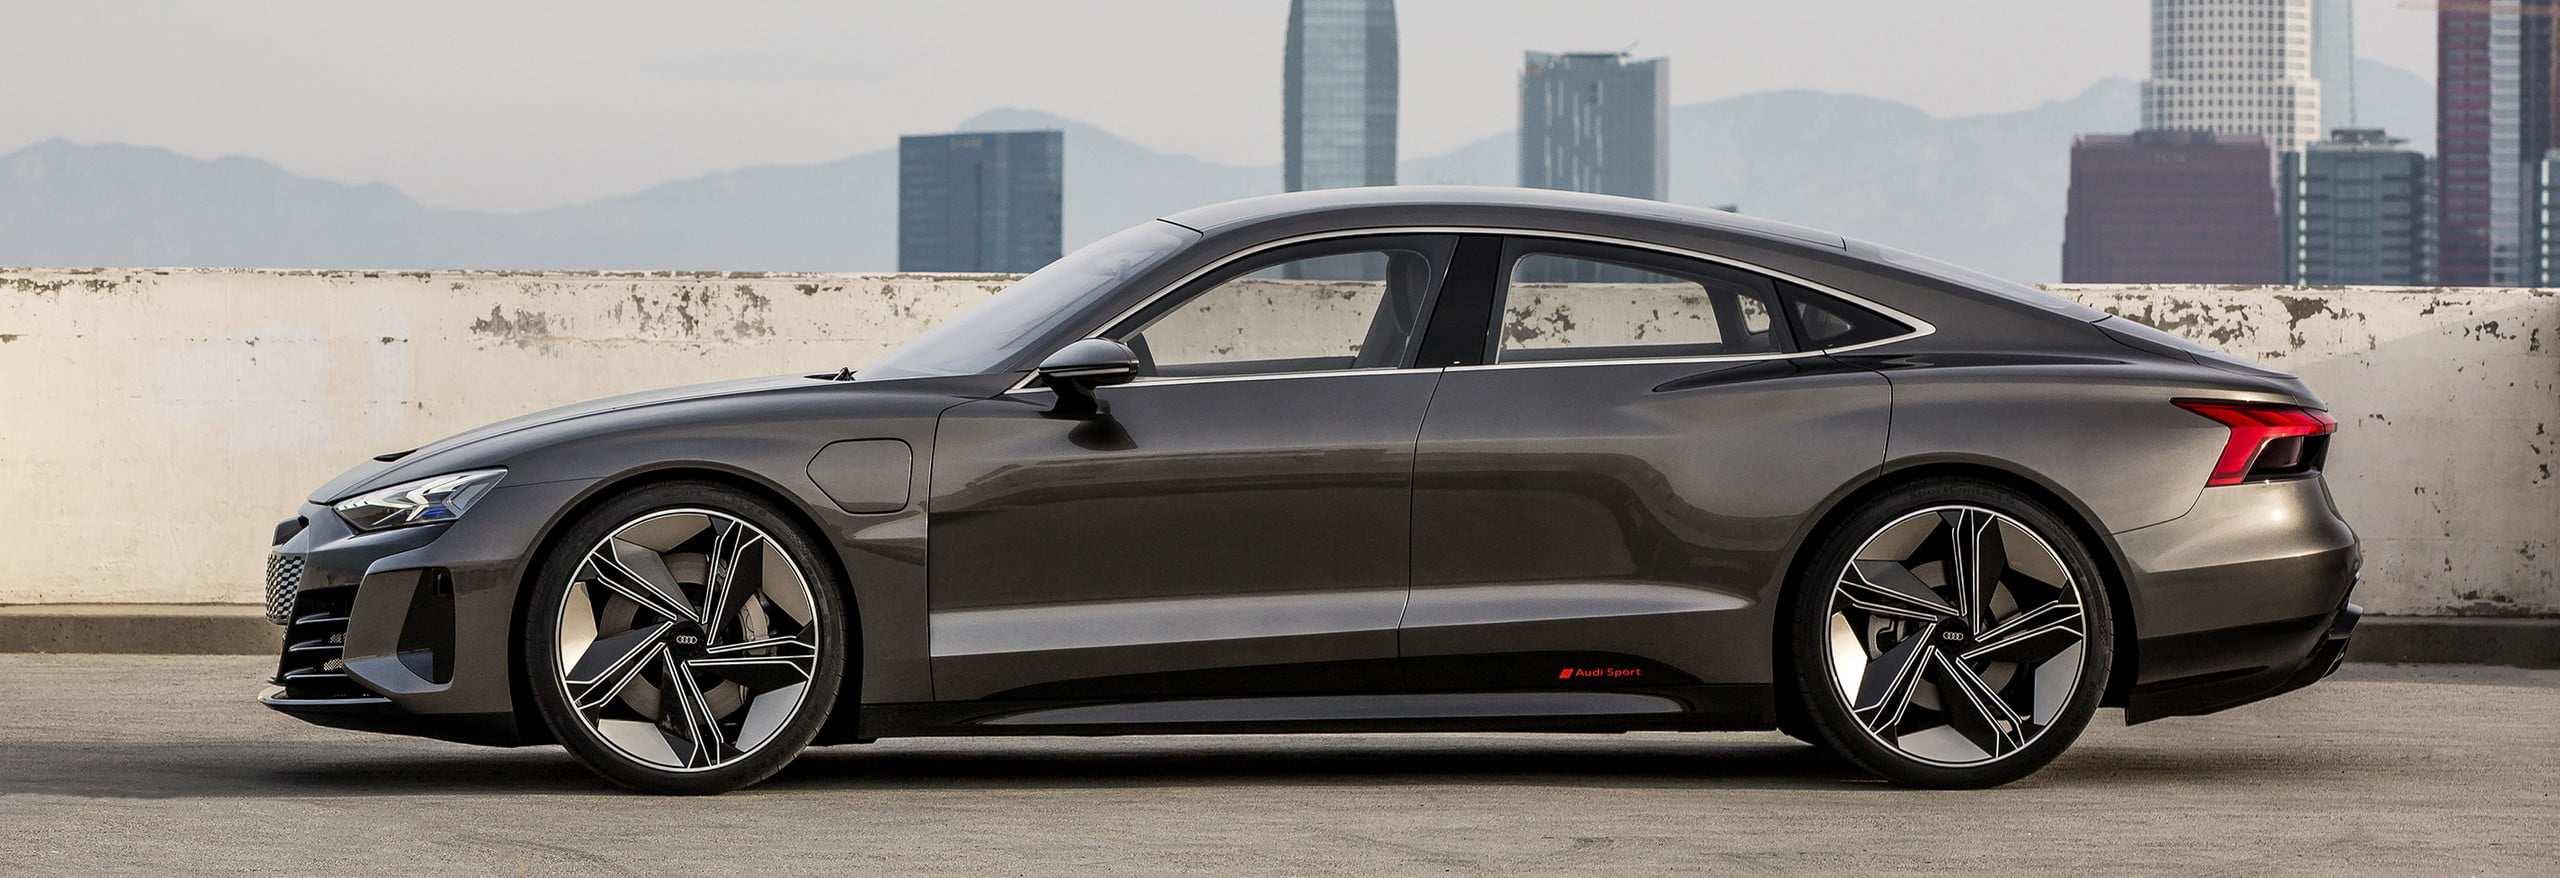 48 Great 2020 Audi E Tron Picture for 2020 Audi E Tron